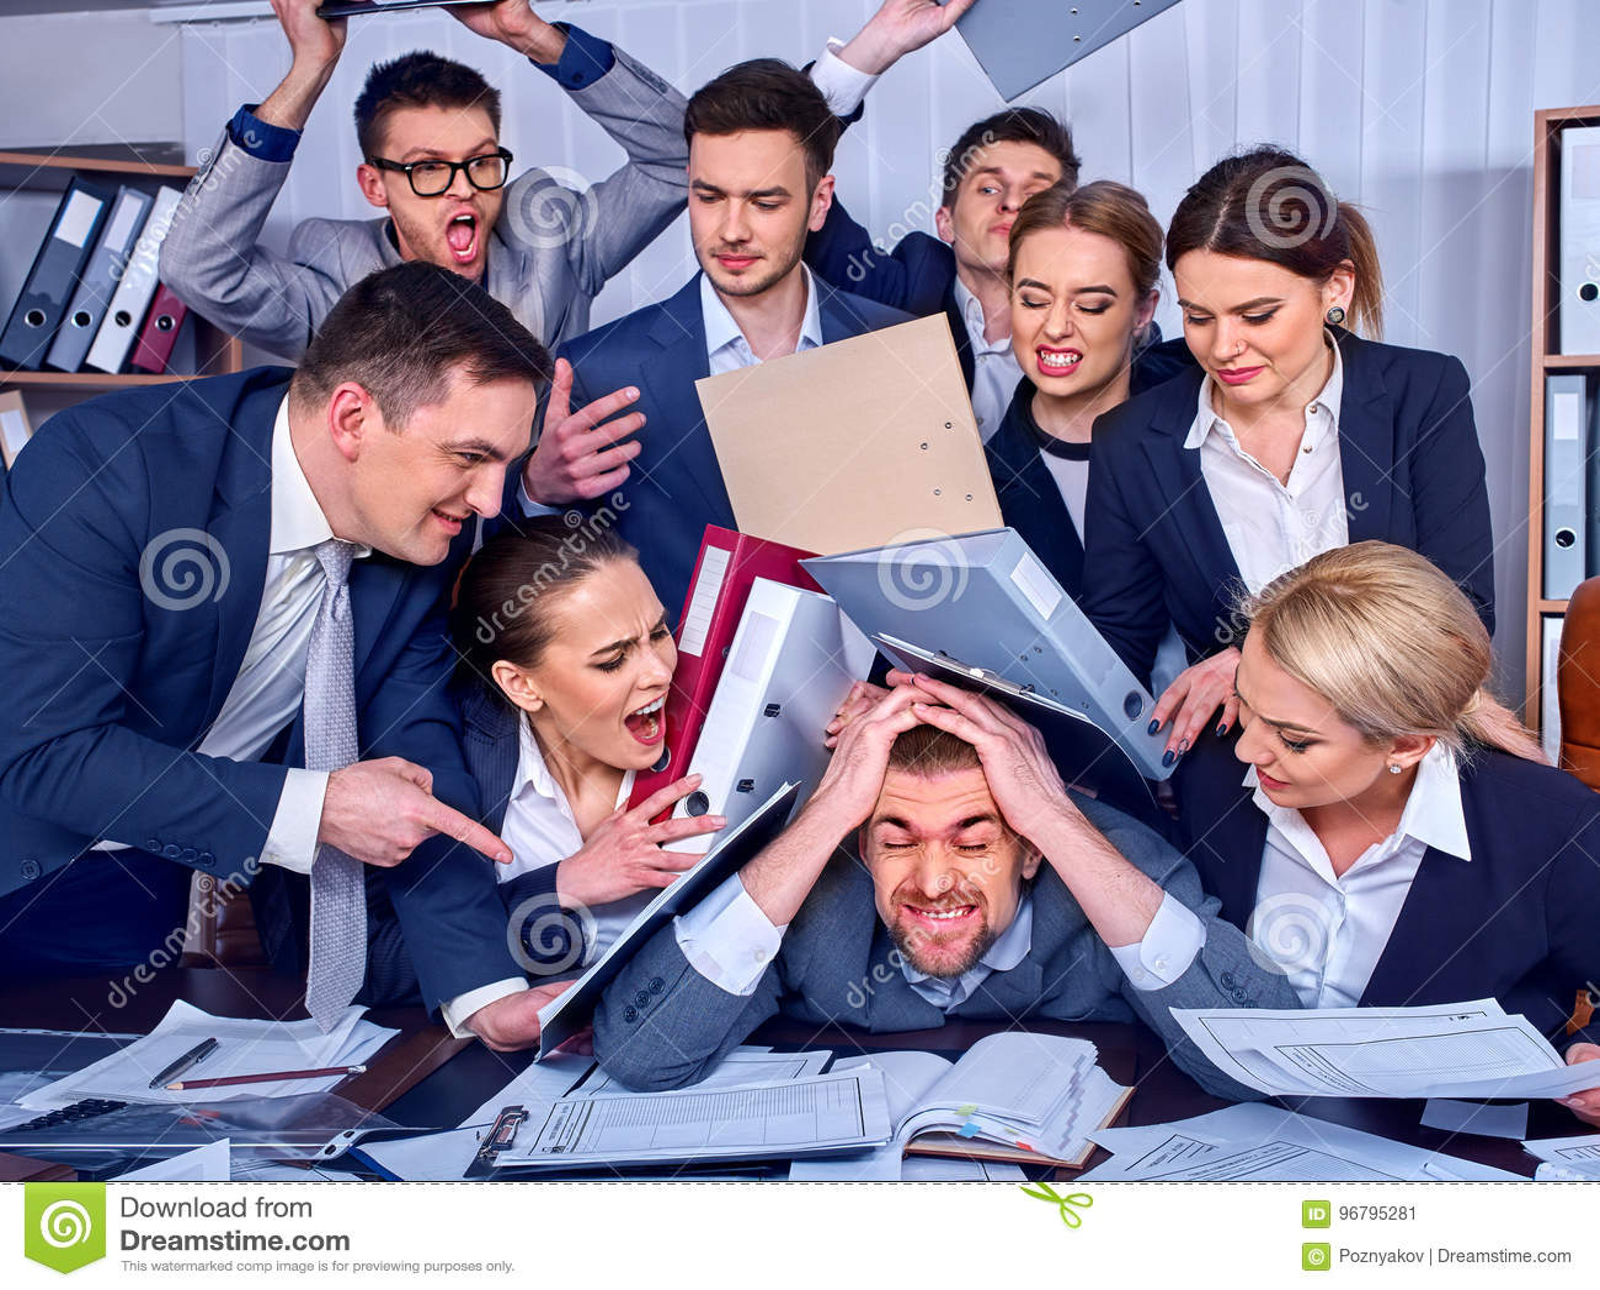 Bedrijfsmensenbureau De teammensen zijn ongelukkig met hun leider